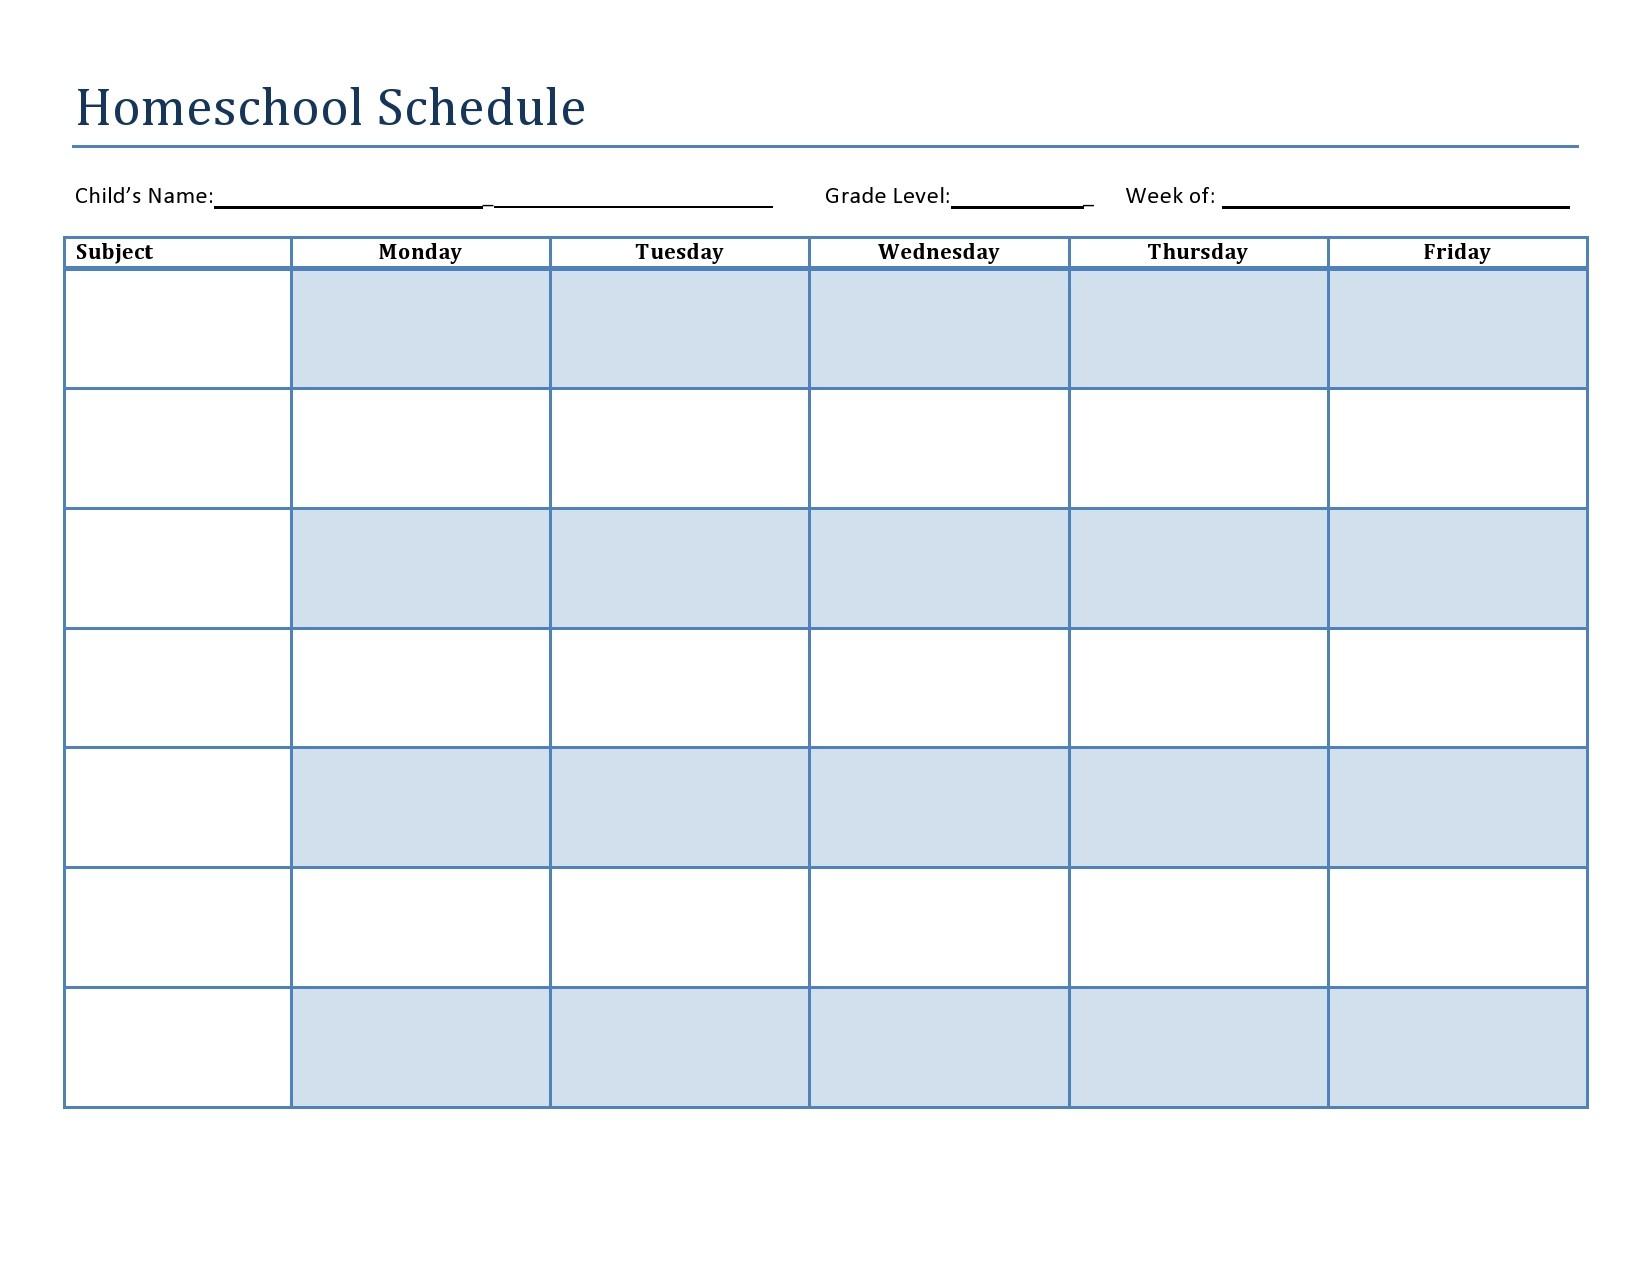 Free homeschool schedule template 26